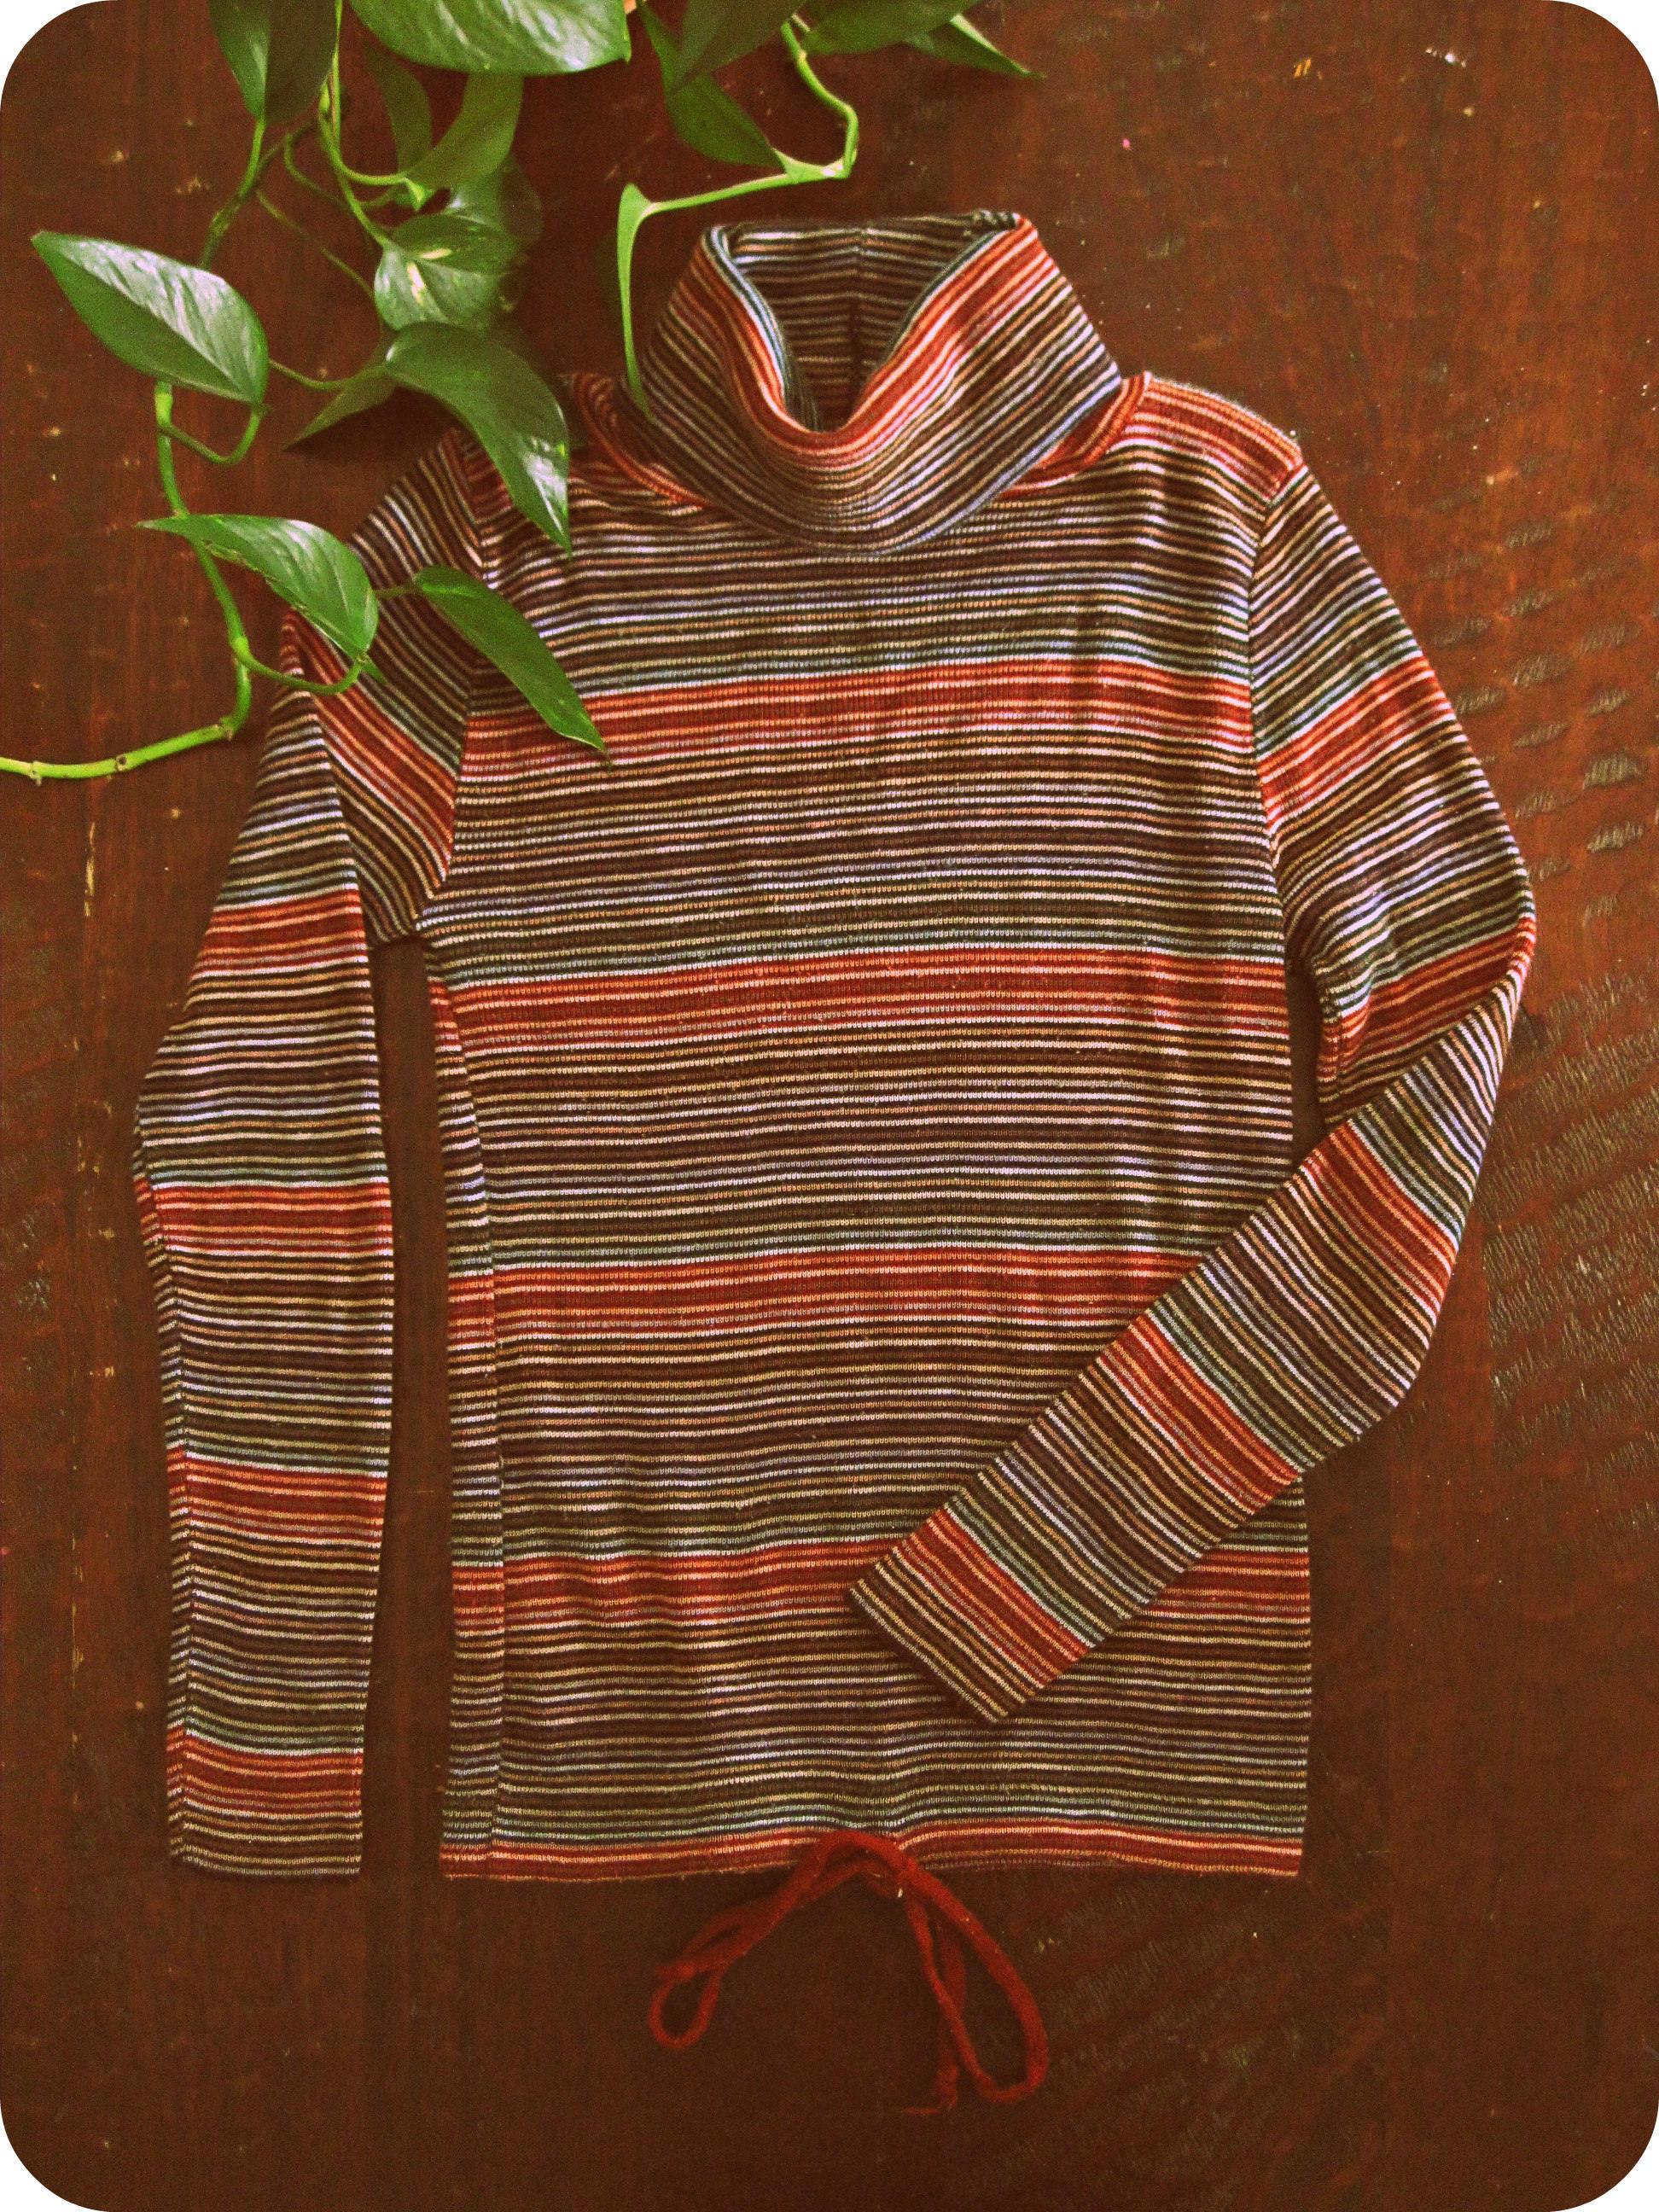 Vintage 70s Striped Turtleneck Sweater Stretchy Knit Boho Hippie